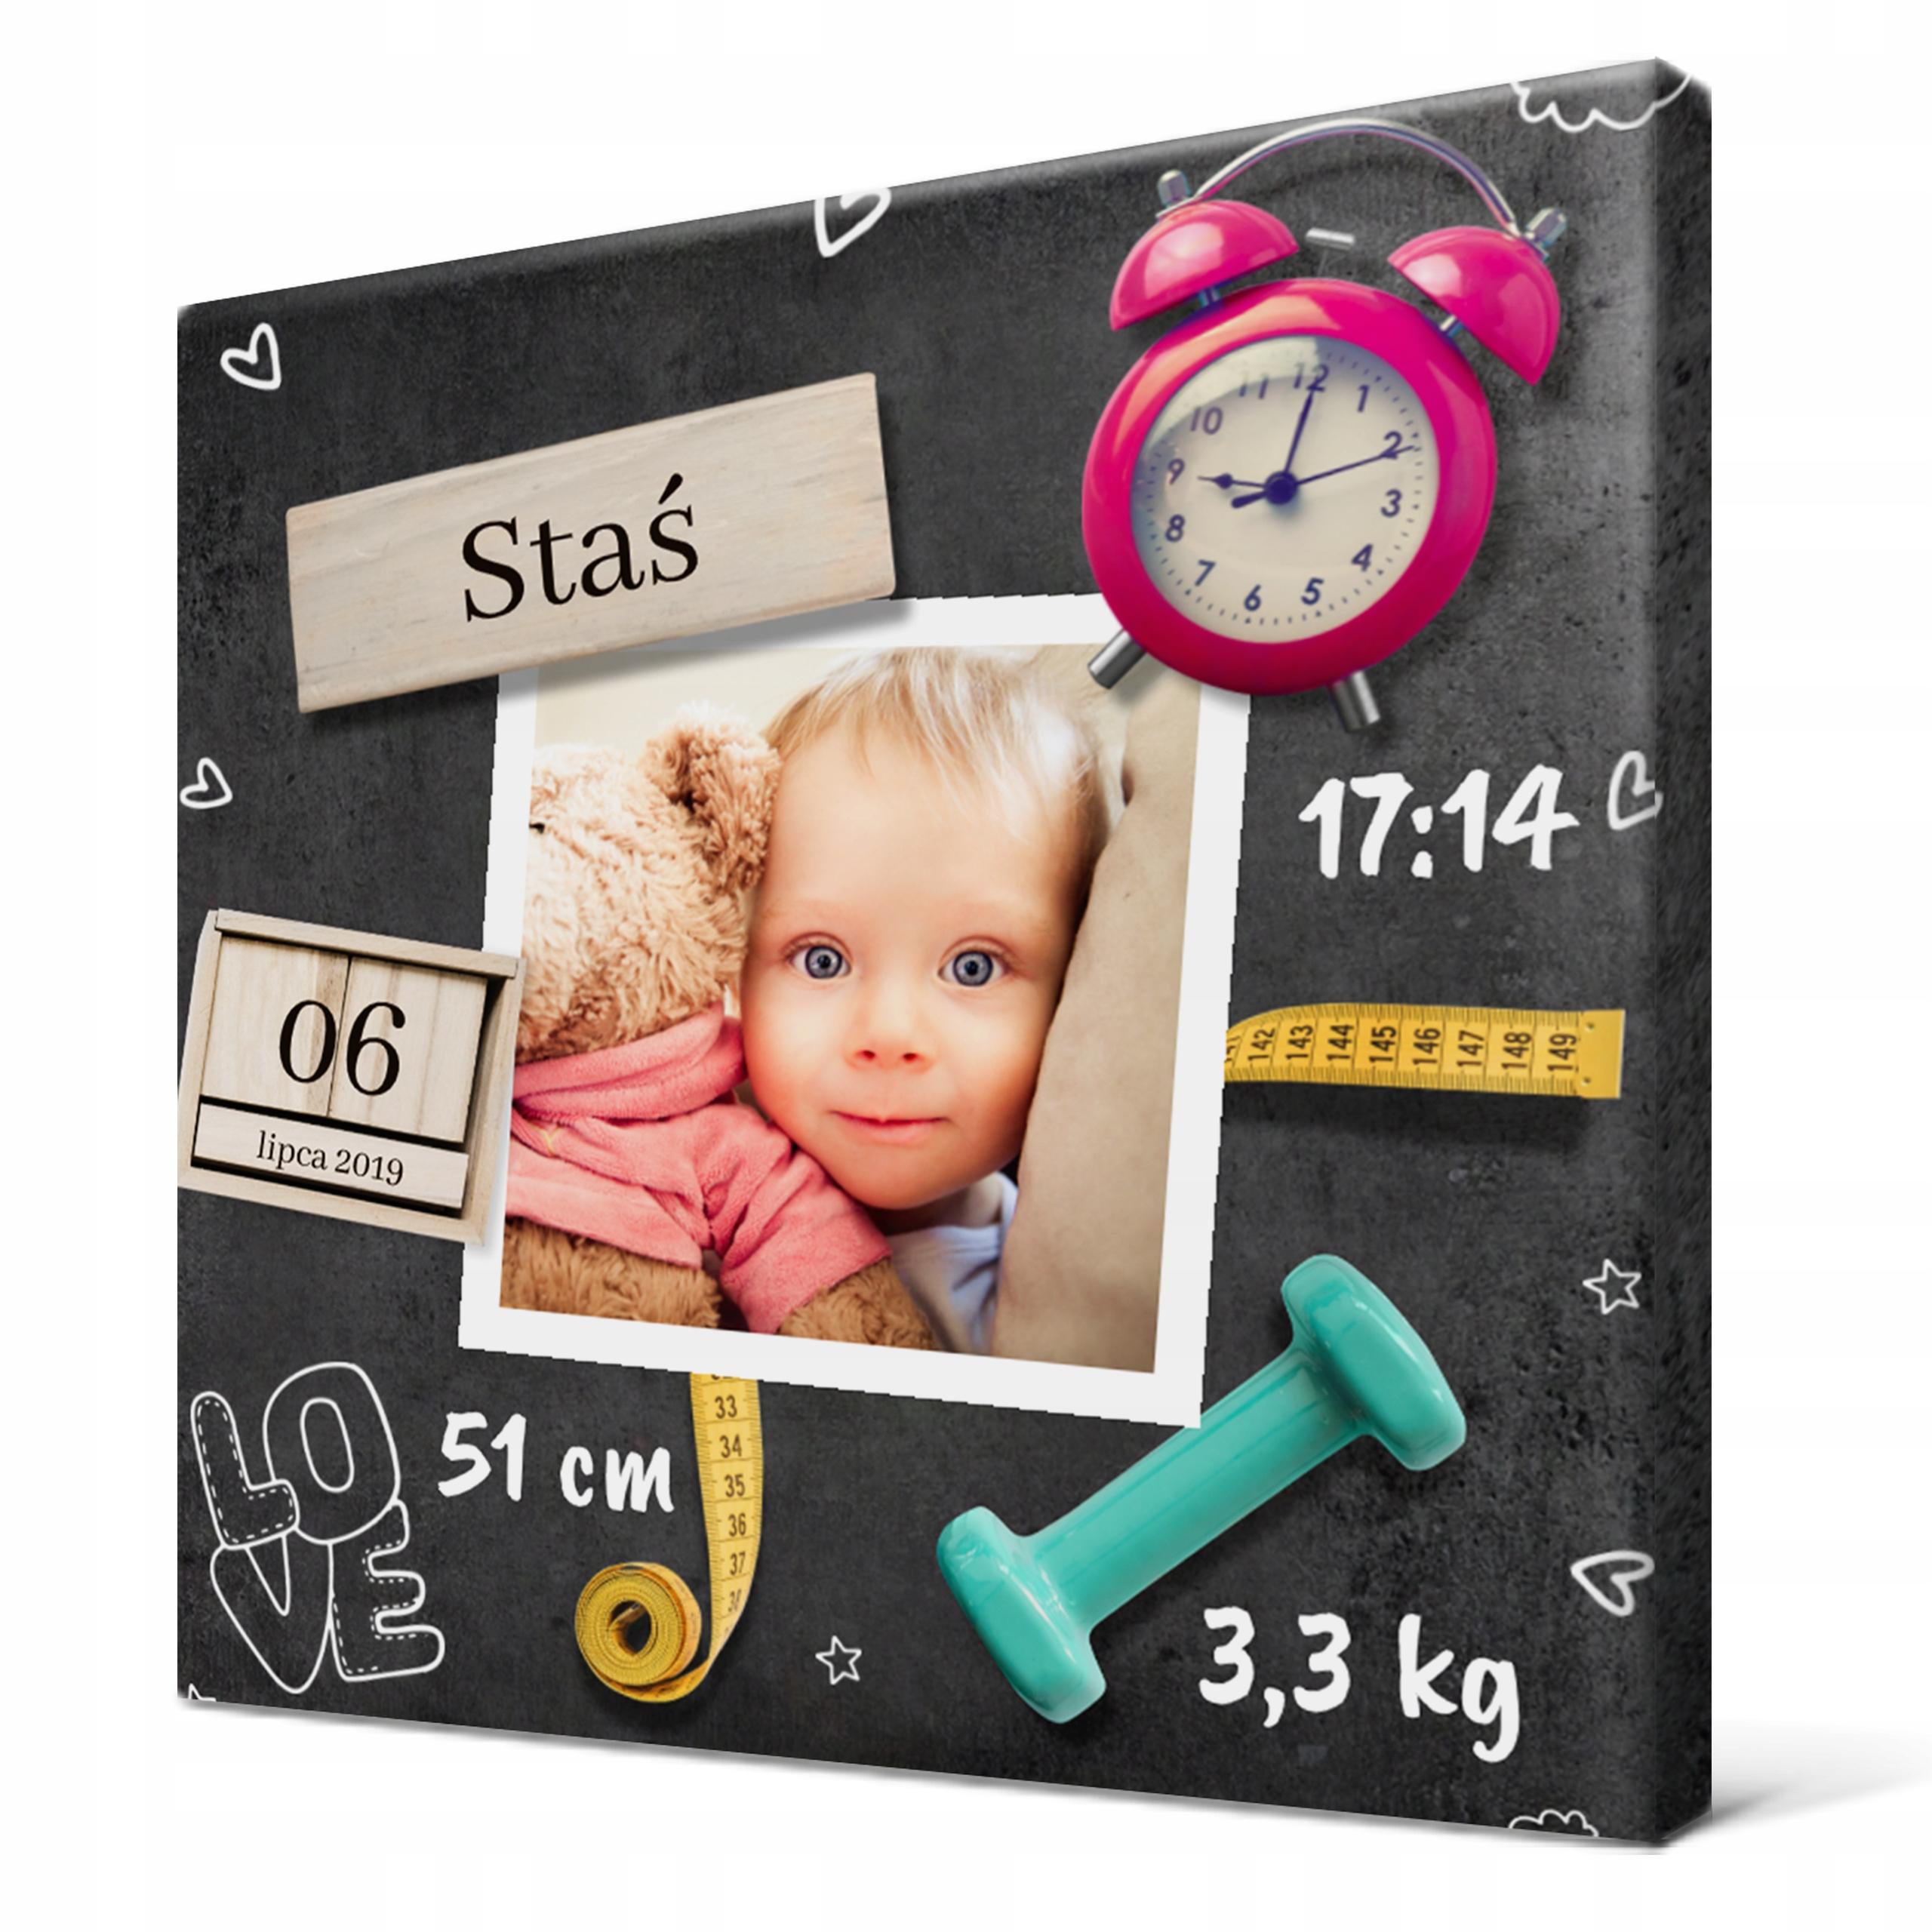 сертификат на ребенка с фото 30х30 см